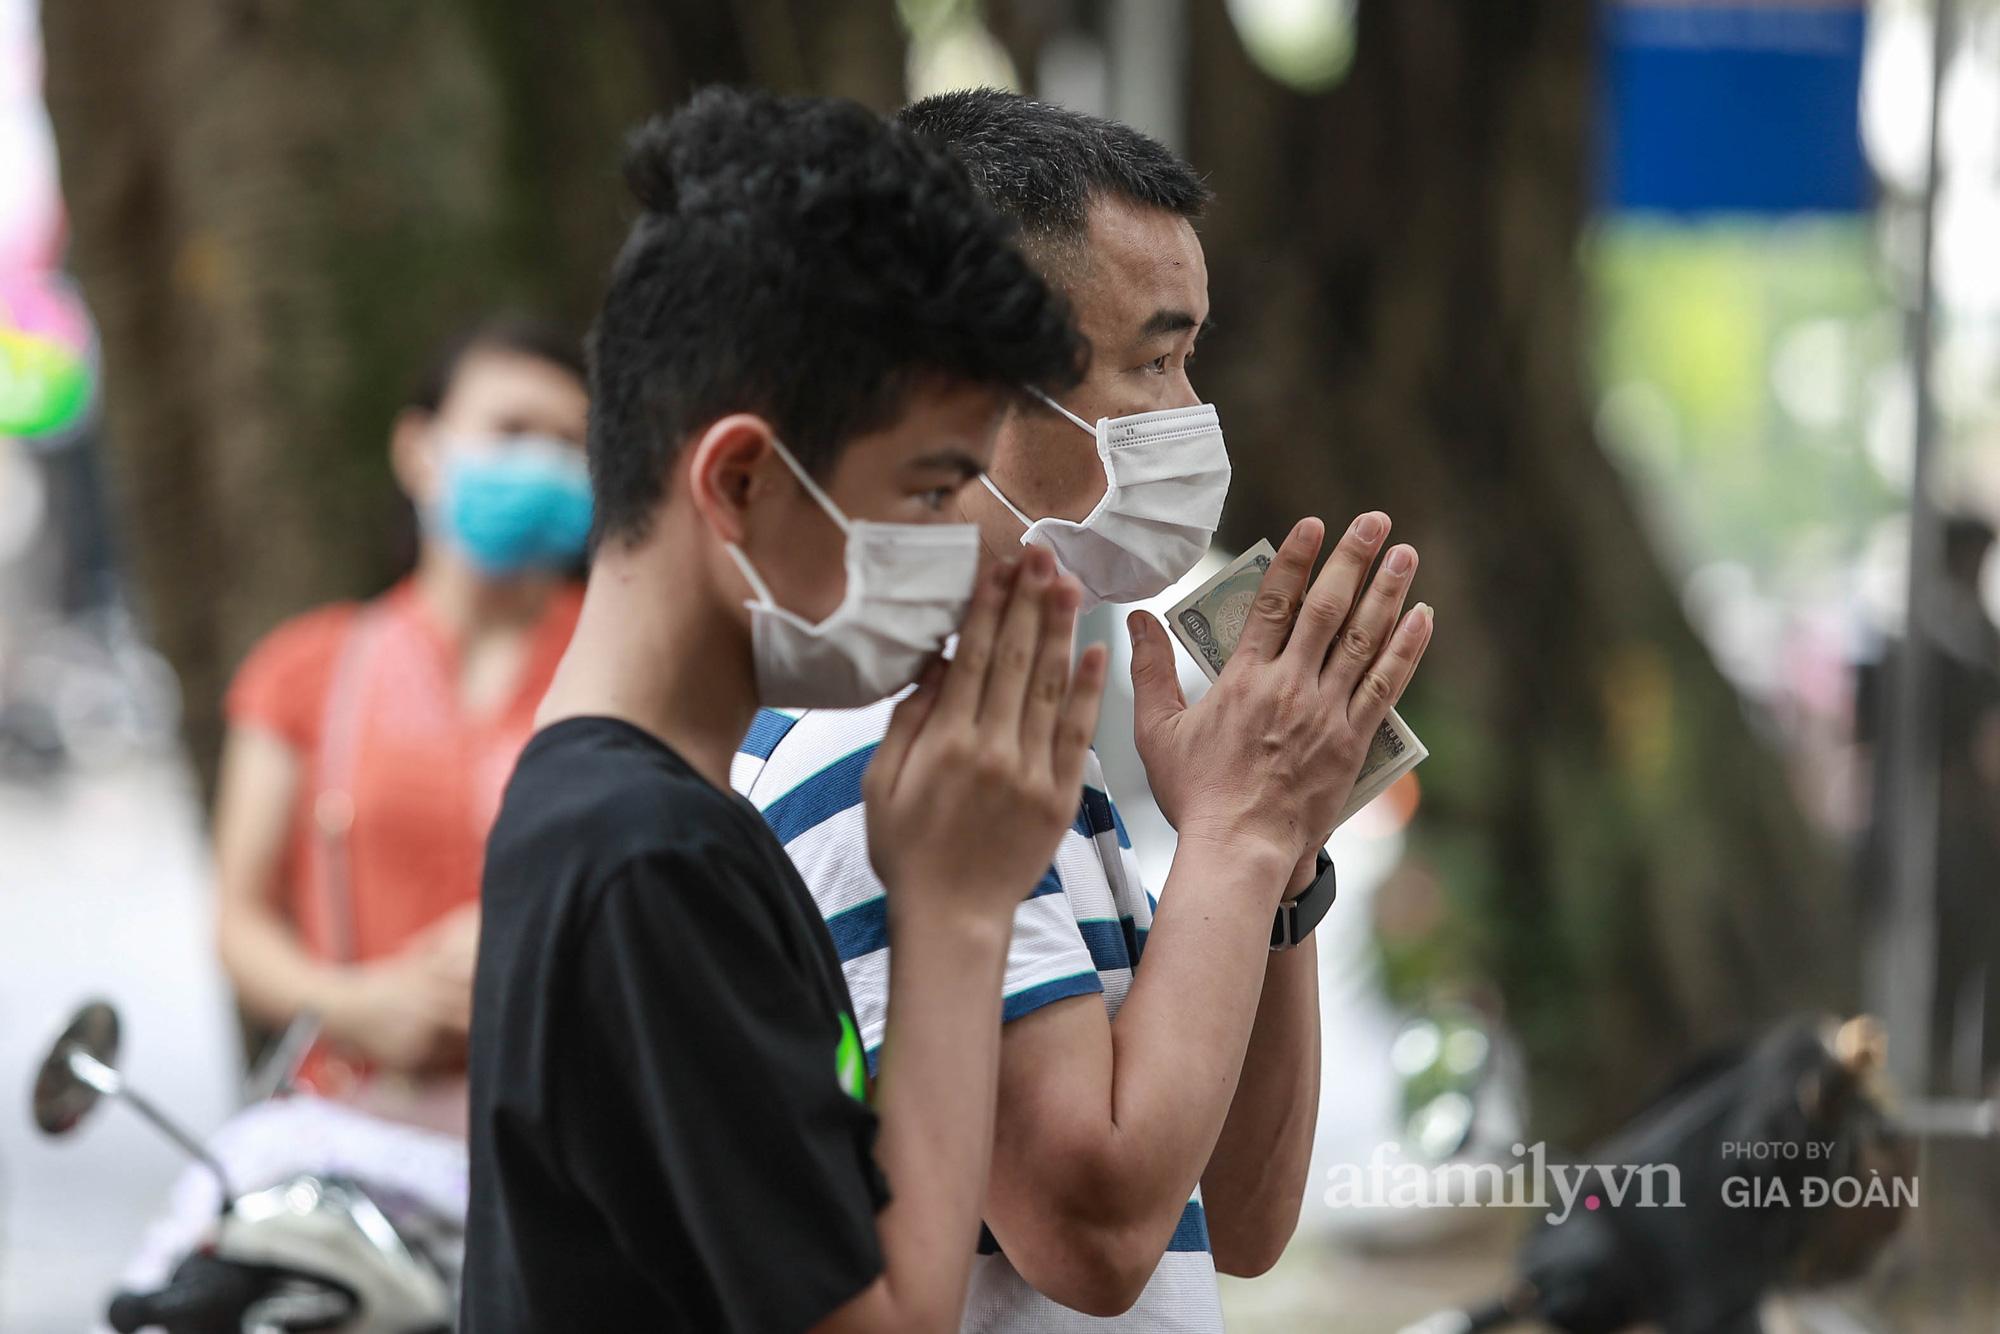 Phụ huynh, thí sinh ở Hà Nội đội mưa đi lễ cầu may trước ngày thi vào lớp 10 THPT - Ảnh 18.